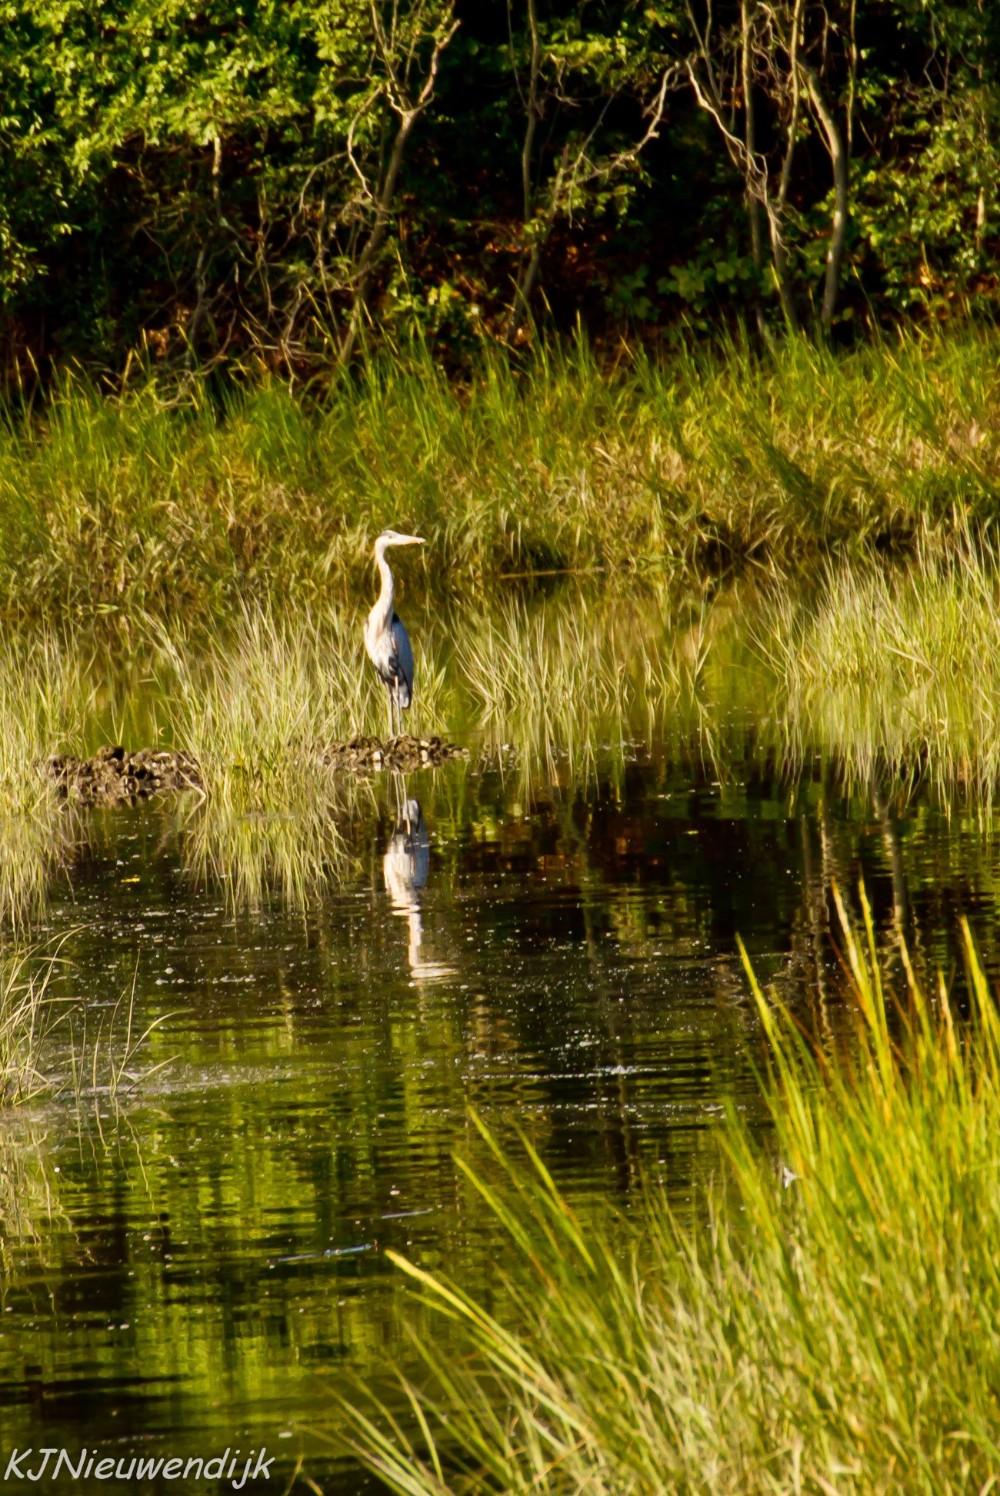 Touisset Marsh Wildlife Refuge Audubon Society of Rhode Island Warren Salt Marsh Kickemuit River Hiking Family Environment